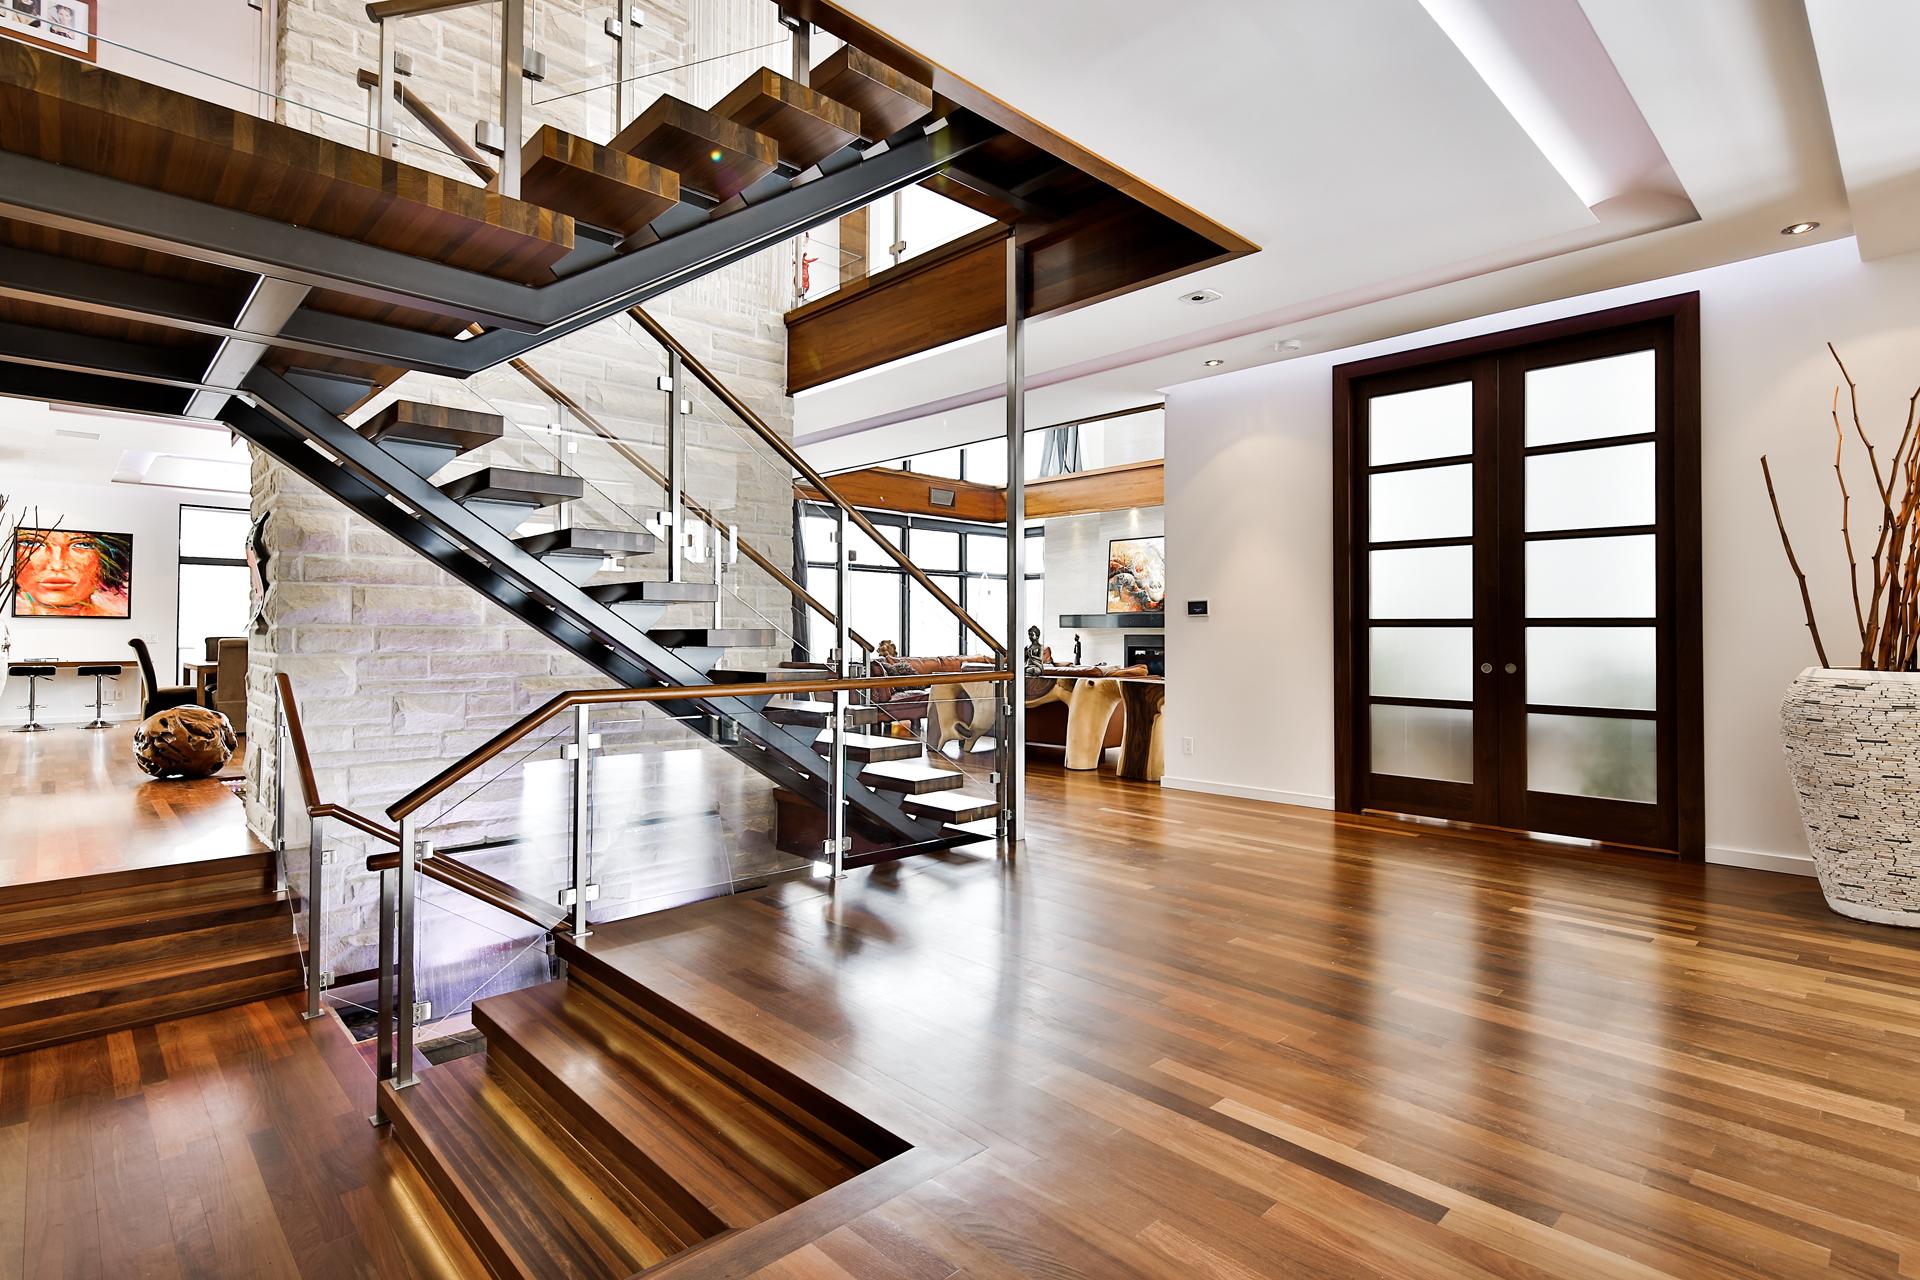 Maison moderne a vendre canada pr l vement d 39 chantillons - Maison a vendre a spa ...